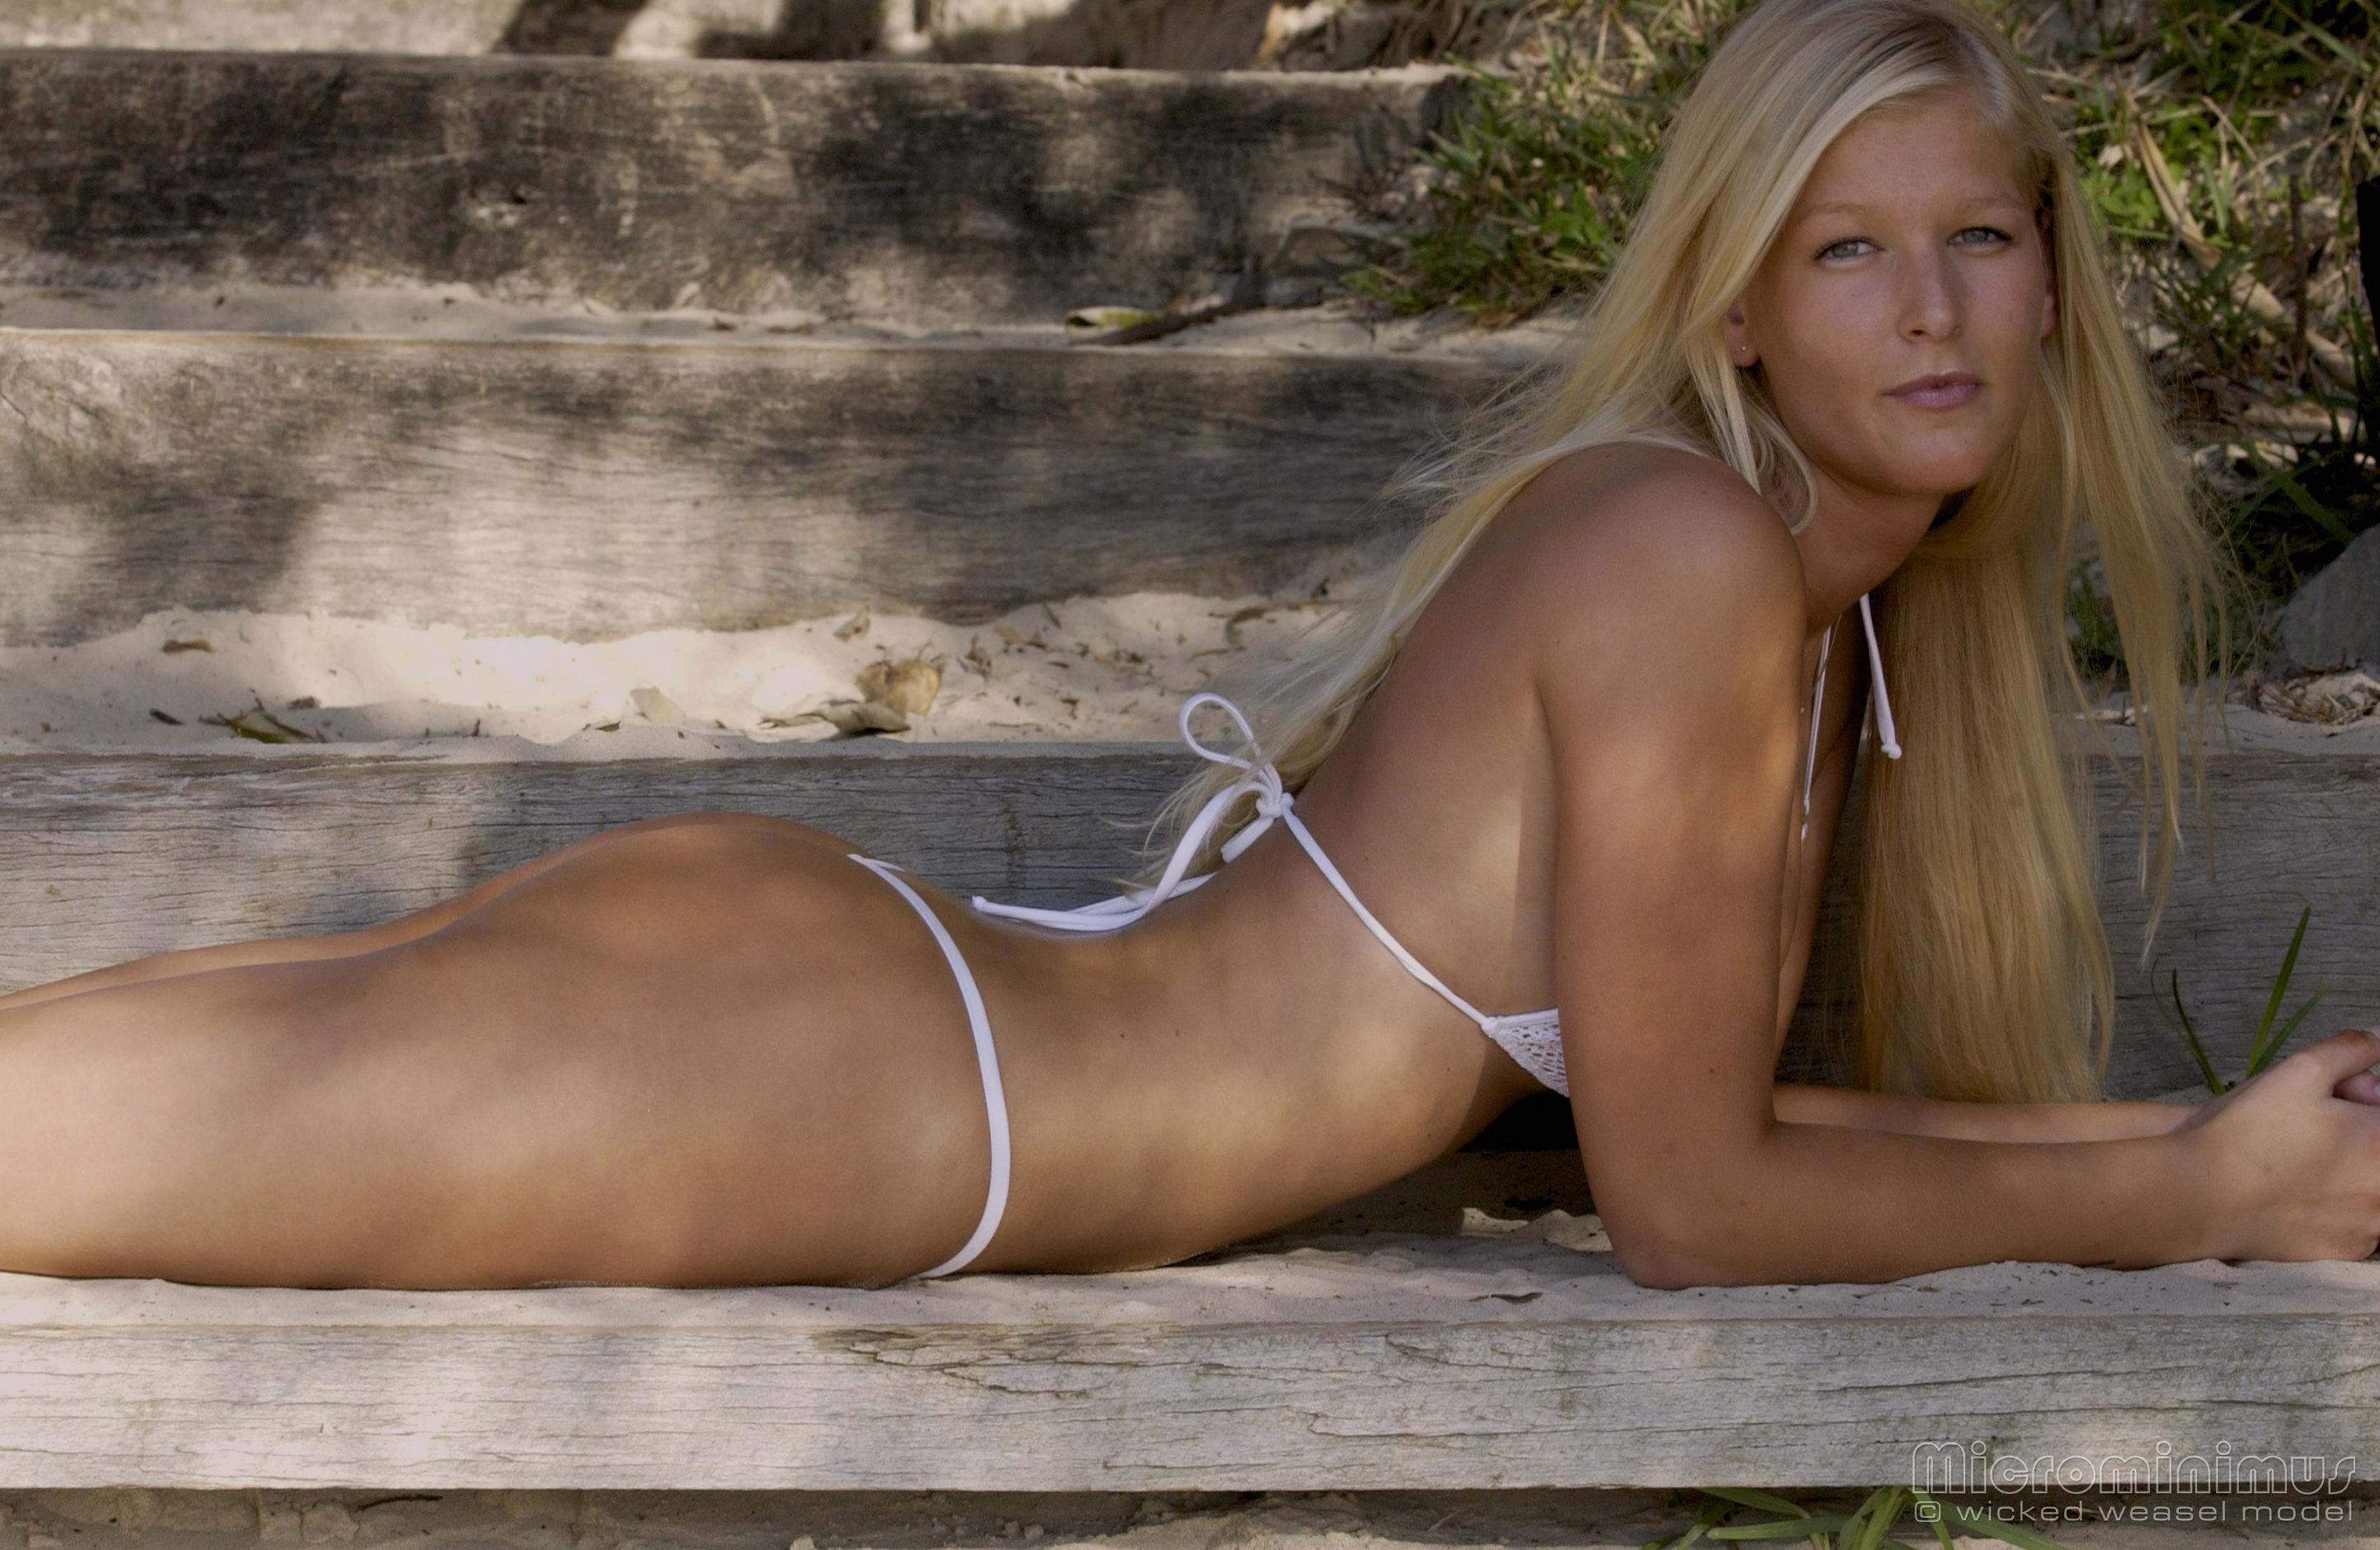 Models wicked weasel Jessi Lee